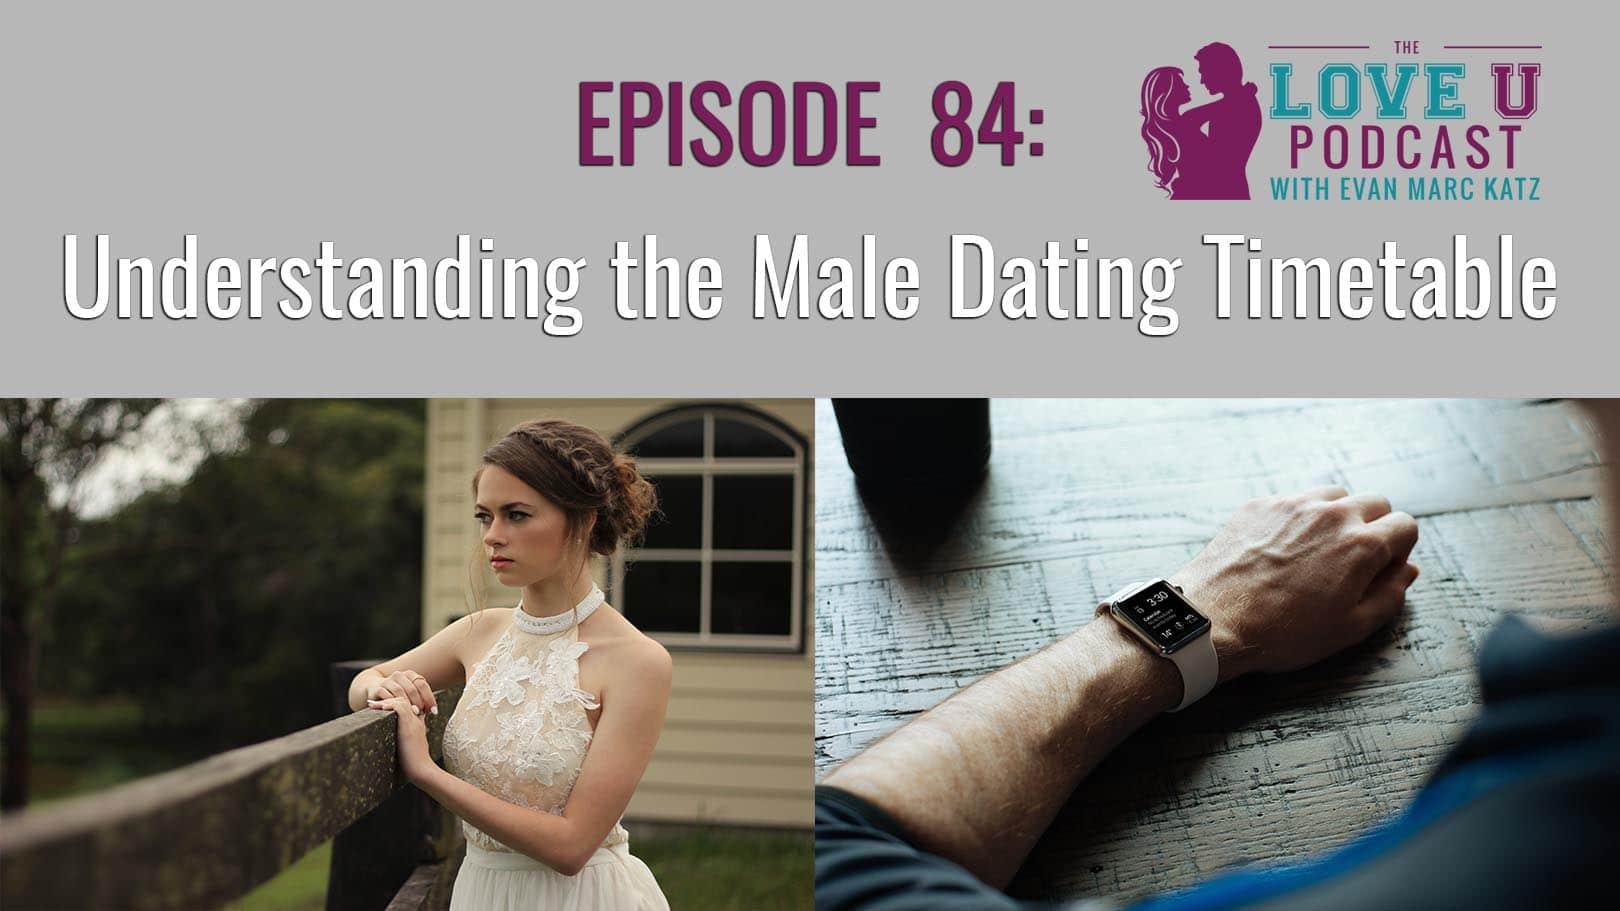 Gibt es legitime ausländische Dating-Seiten